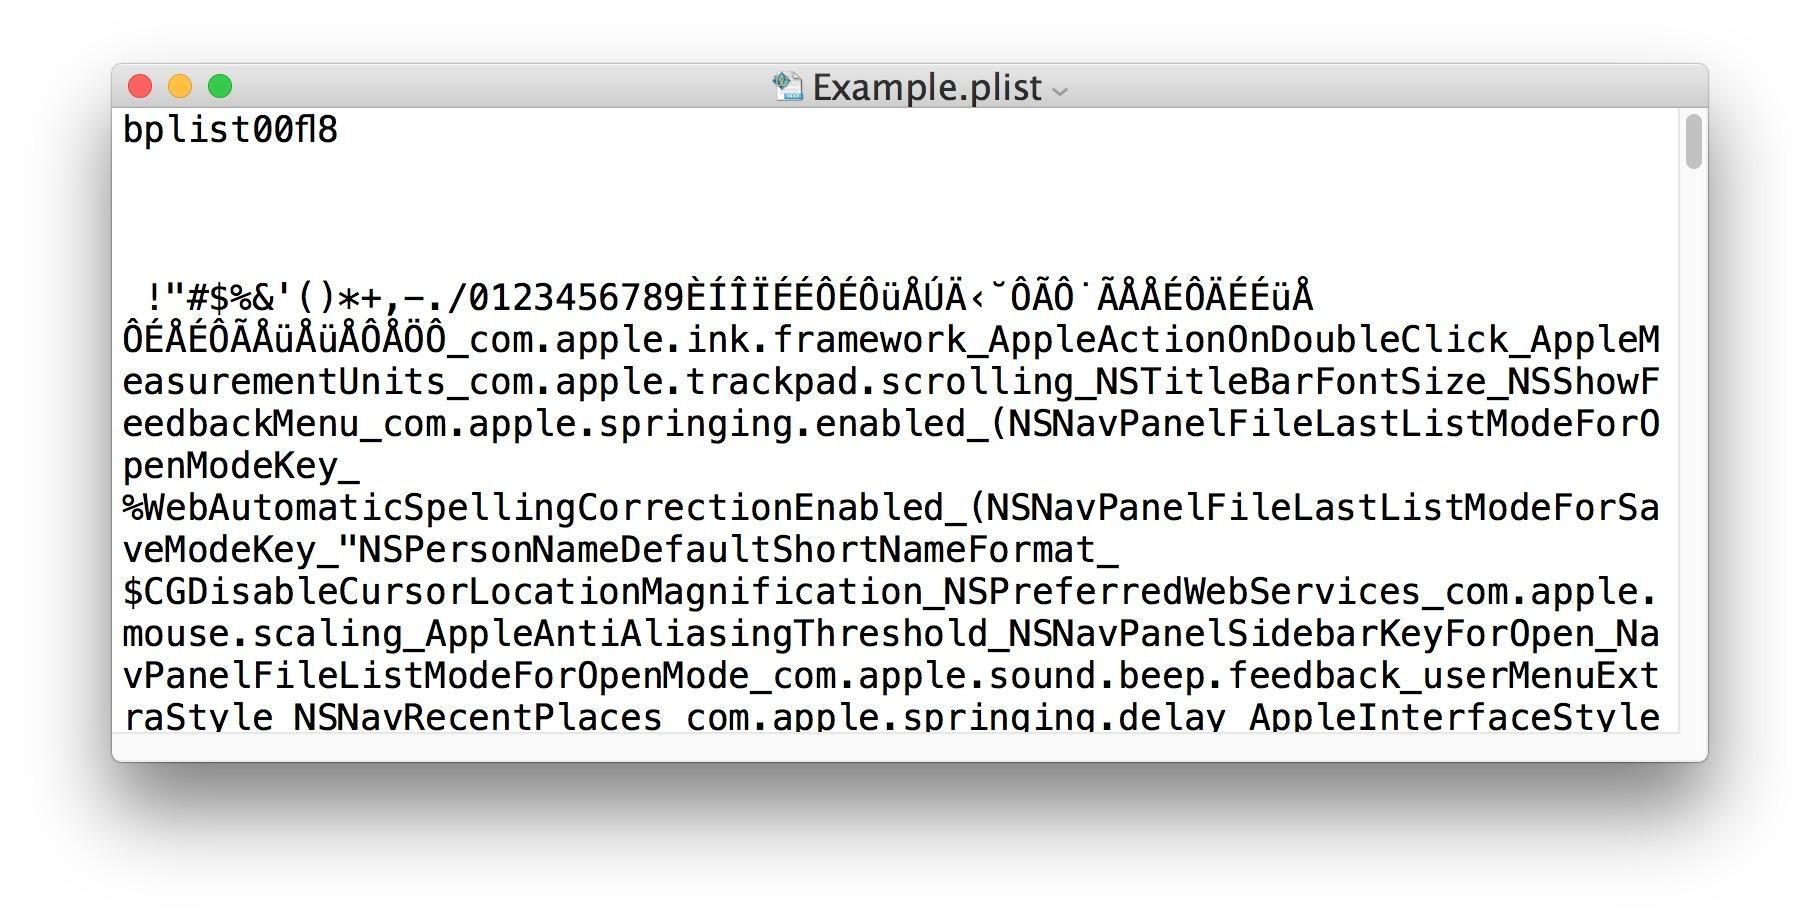 File plist binario non modificabile nell'editor di testo